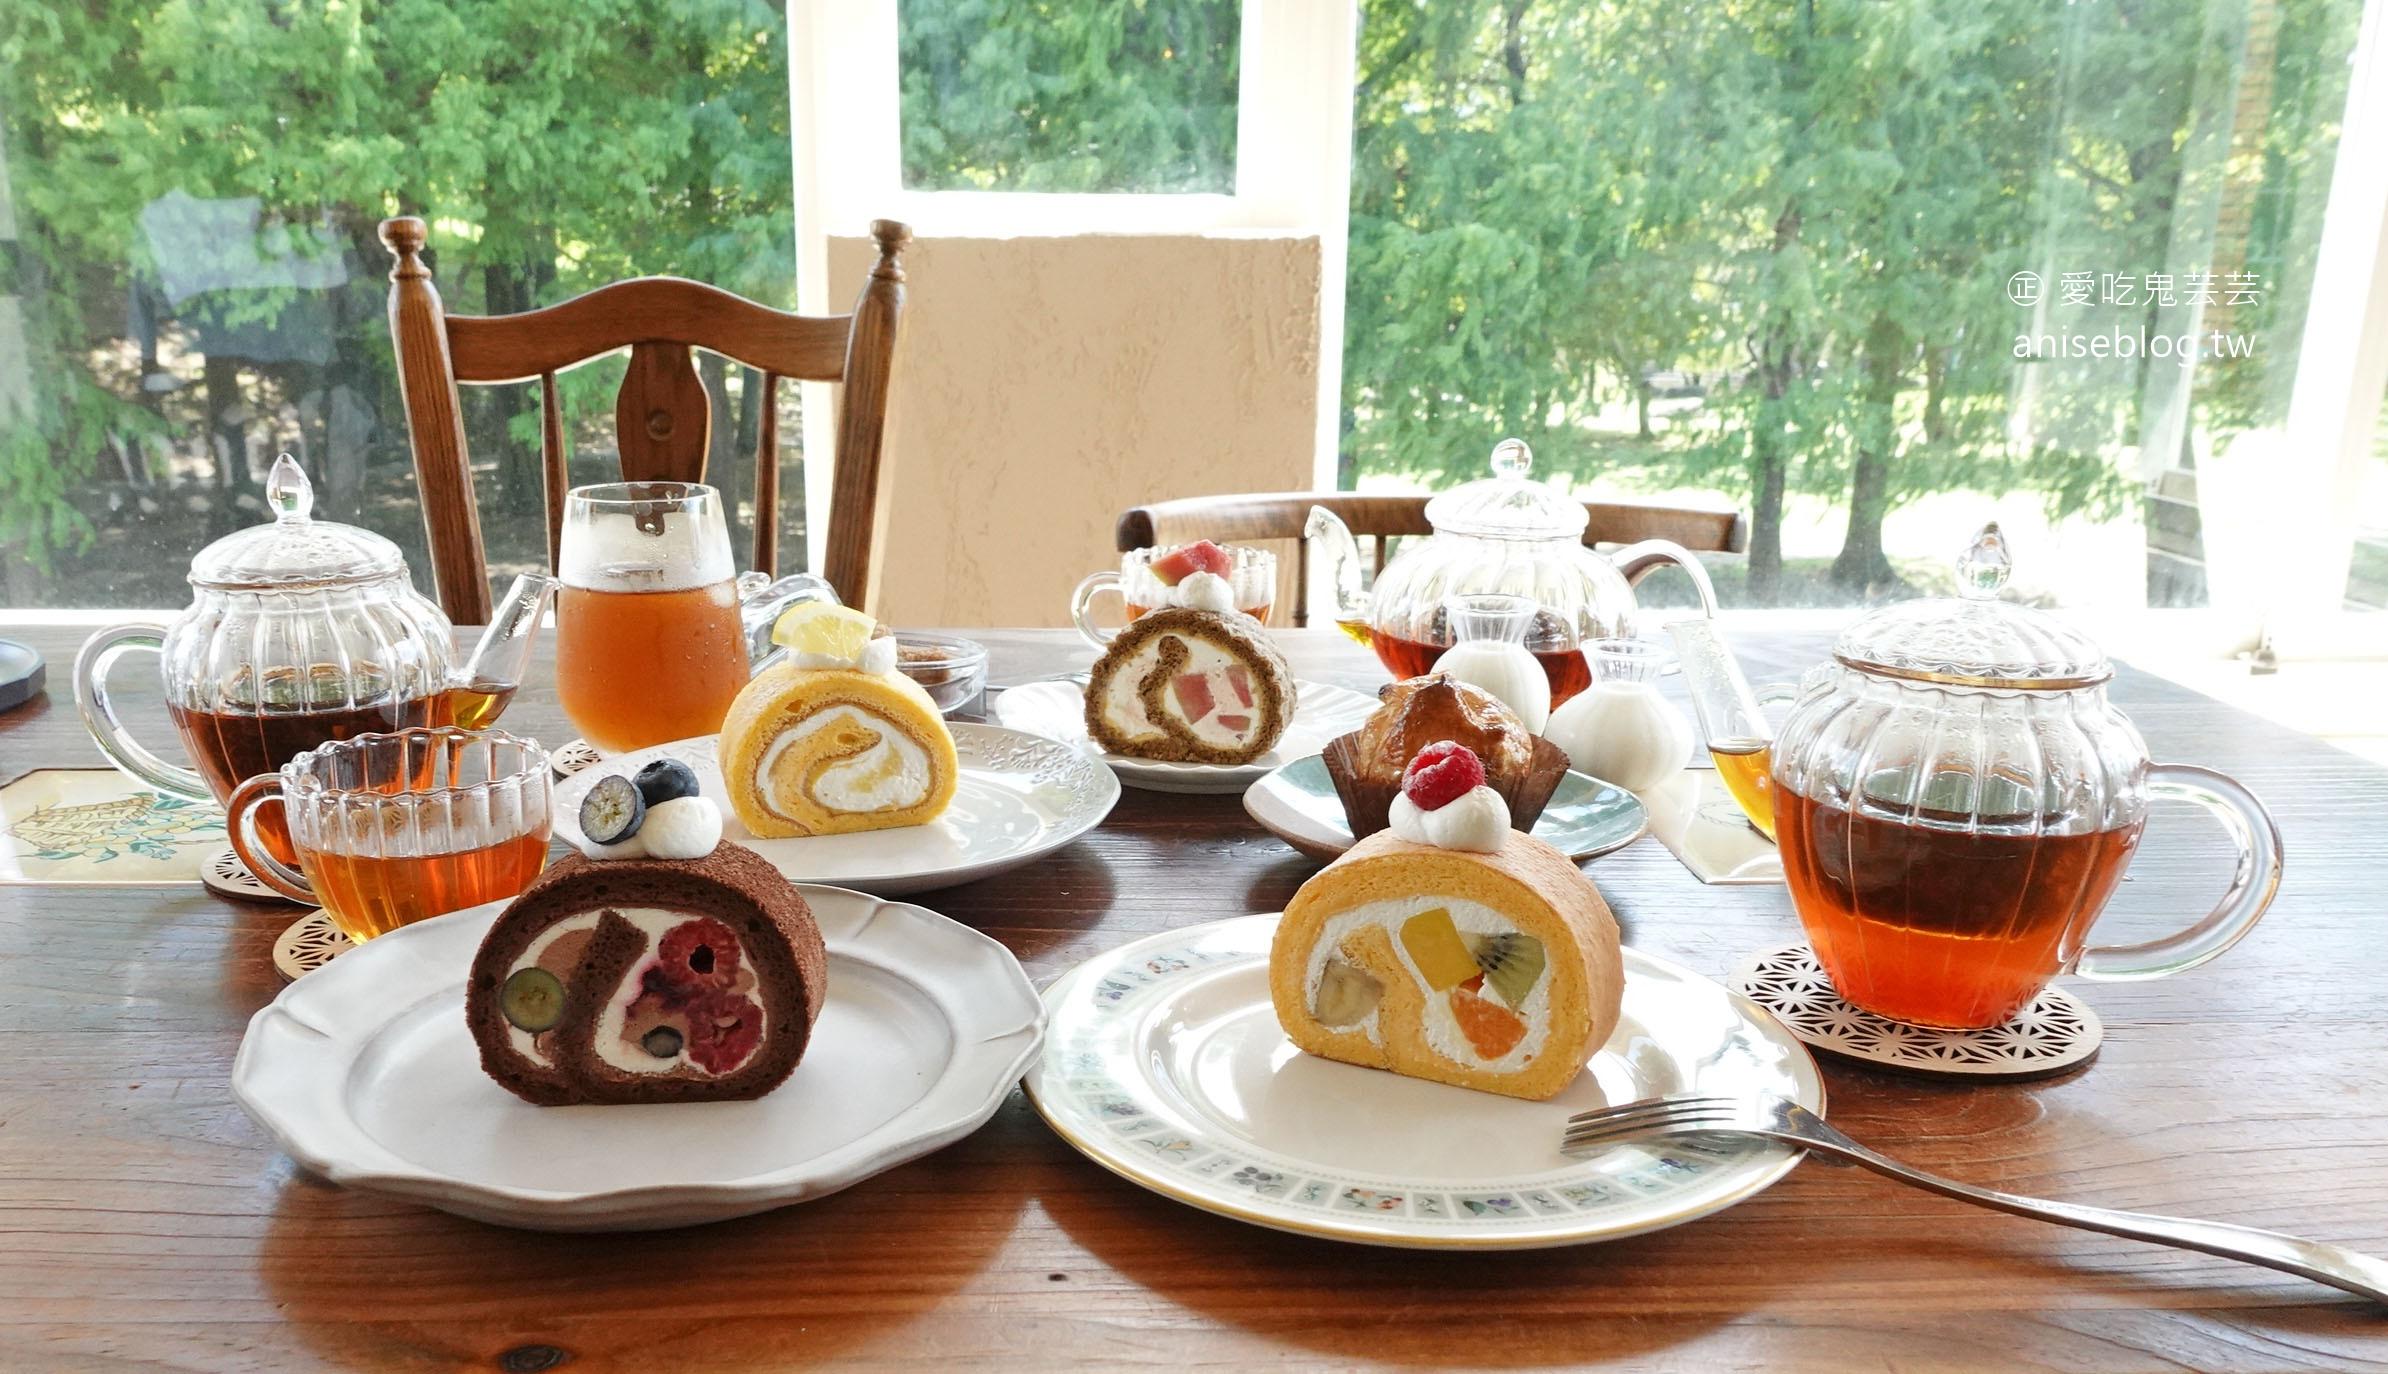 今日熱門文章:TaSweet 菓子屋,整排落羽松景觀的歐式鄉村甜點,最愛蘋果派!😍